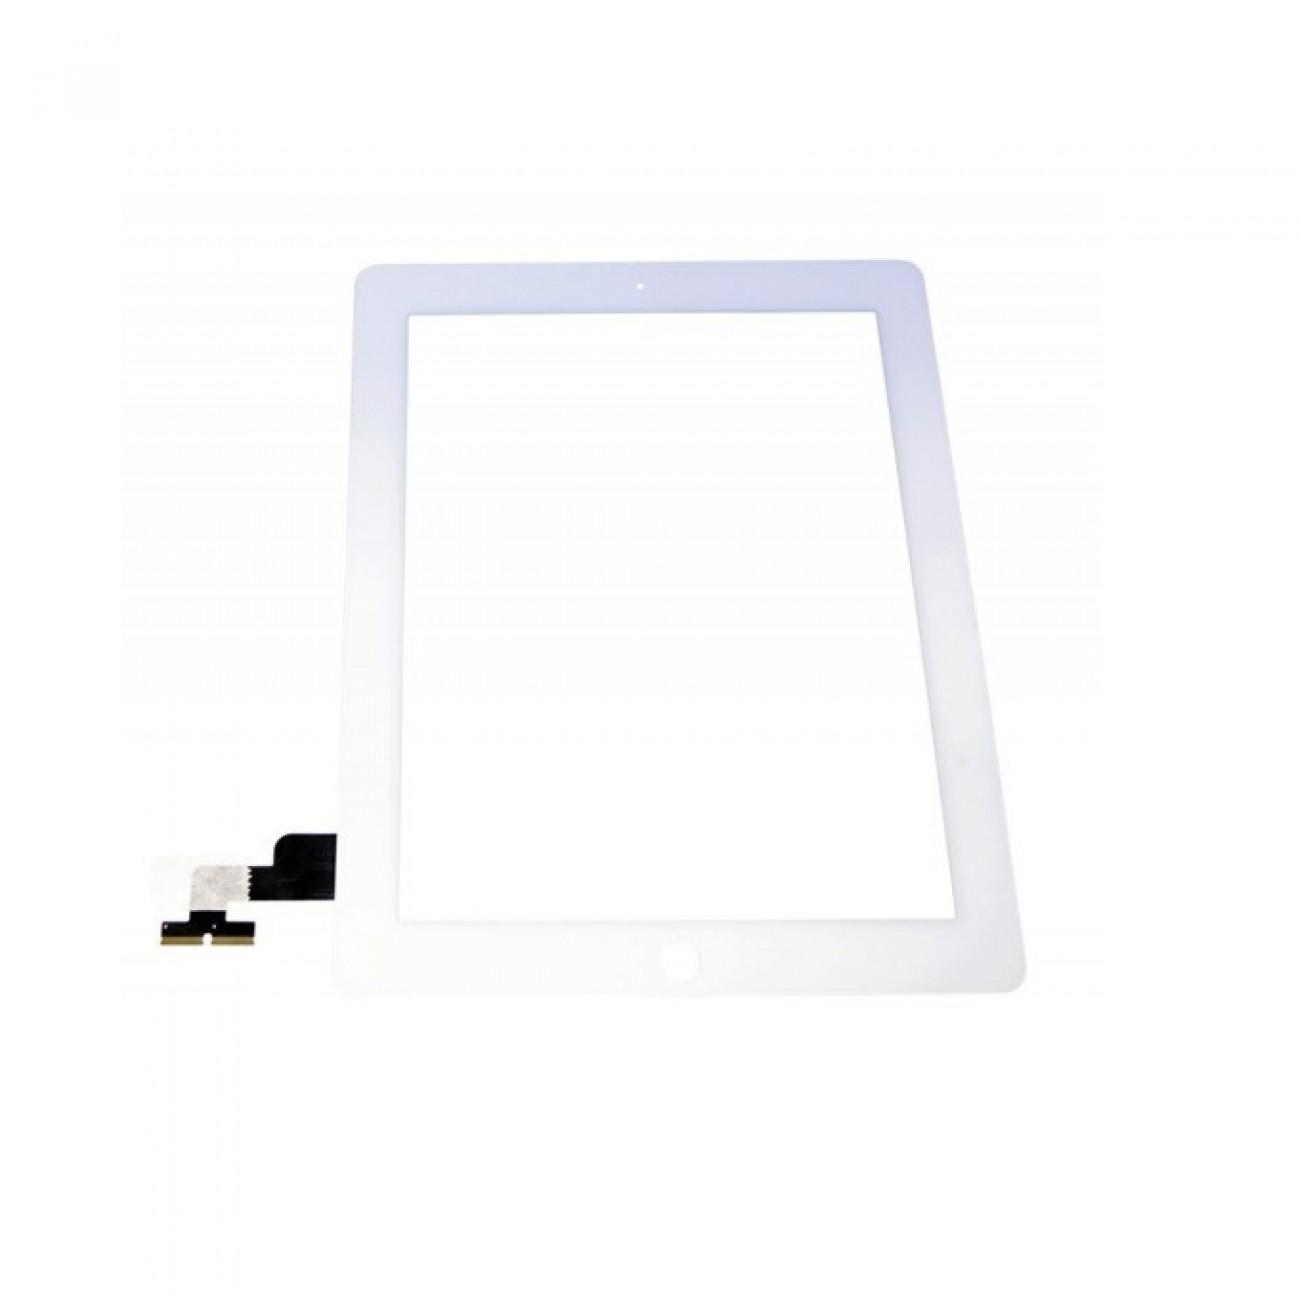 Тъч модул за Apple iPad 2, 9.7 (24.63 cm), touch, без home бутон, бял в Резервни части -  | Alleop